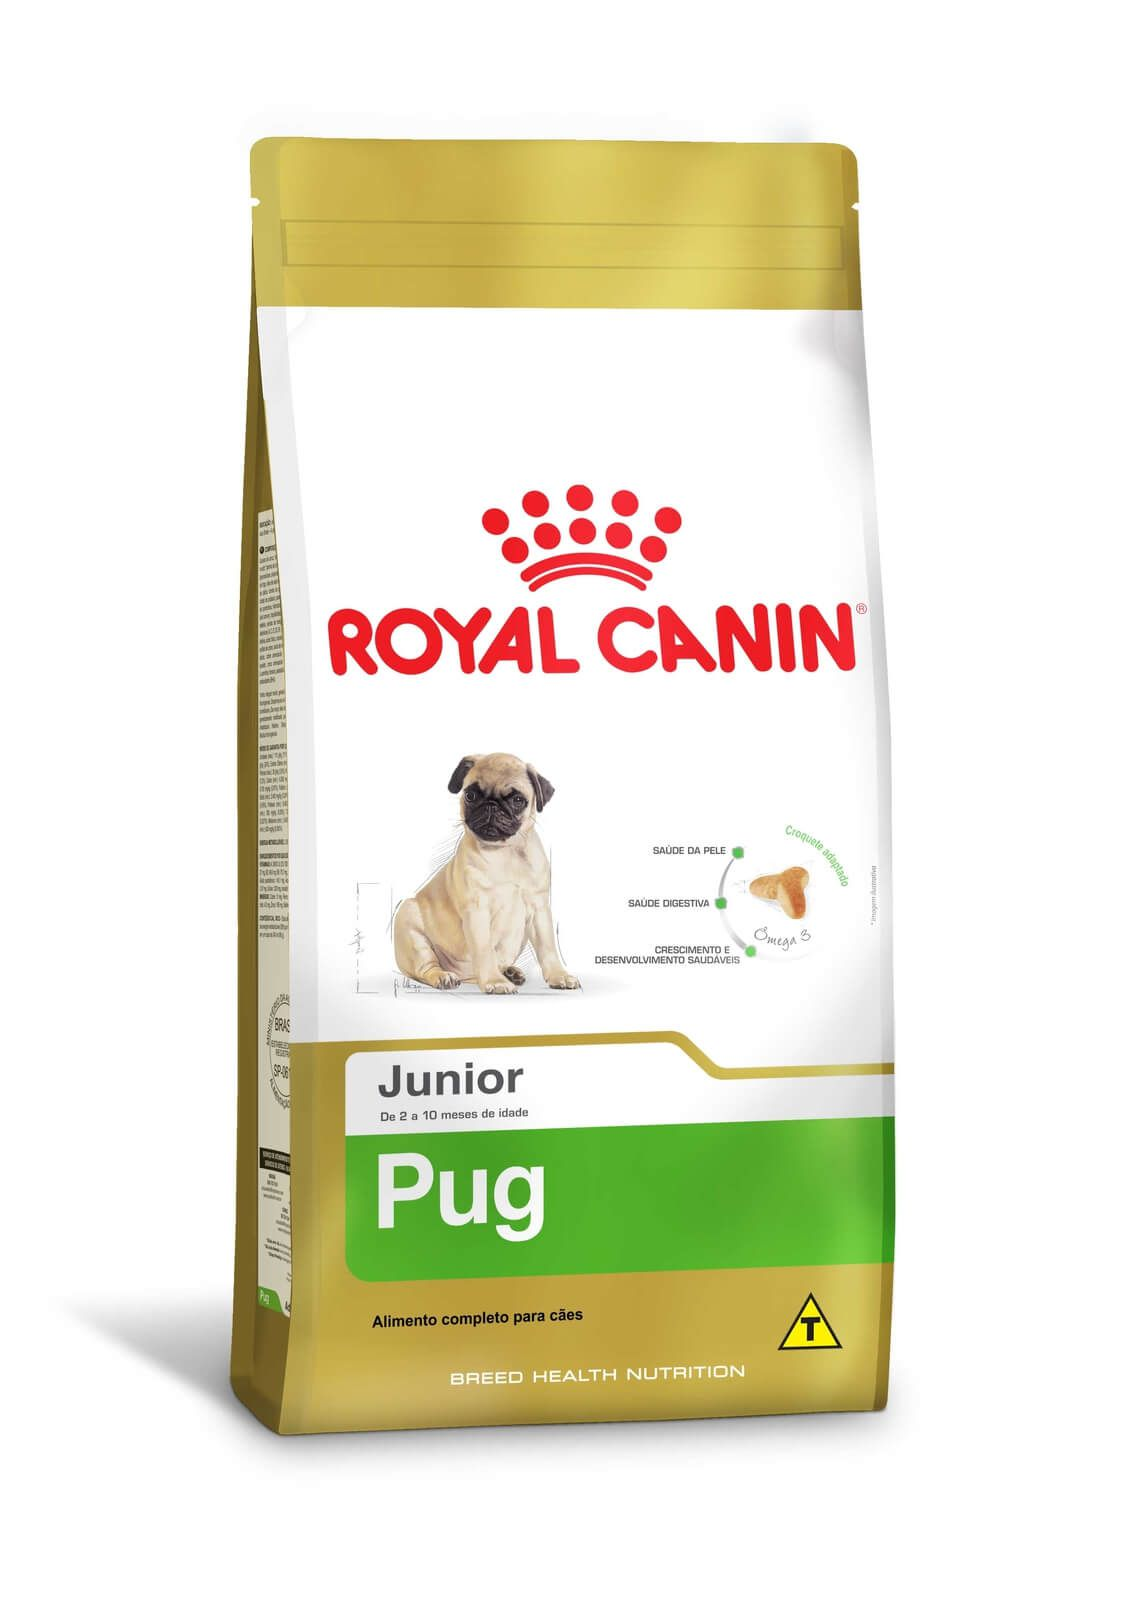 Ração Royal Canin Pug Junior - 2,5 kg